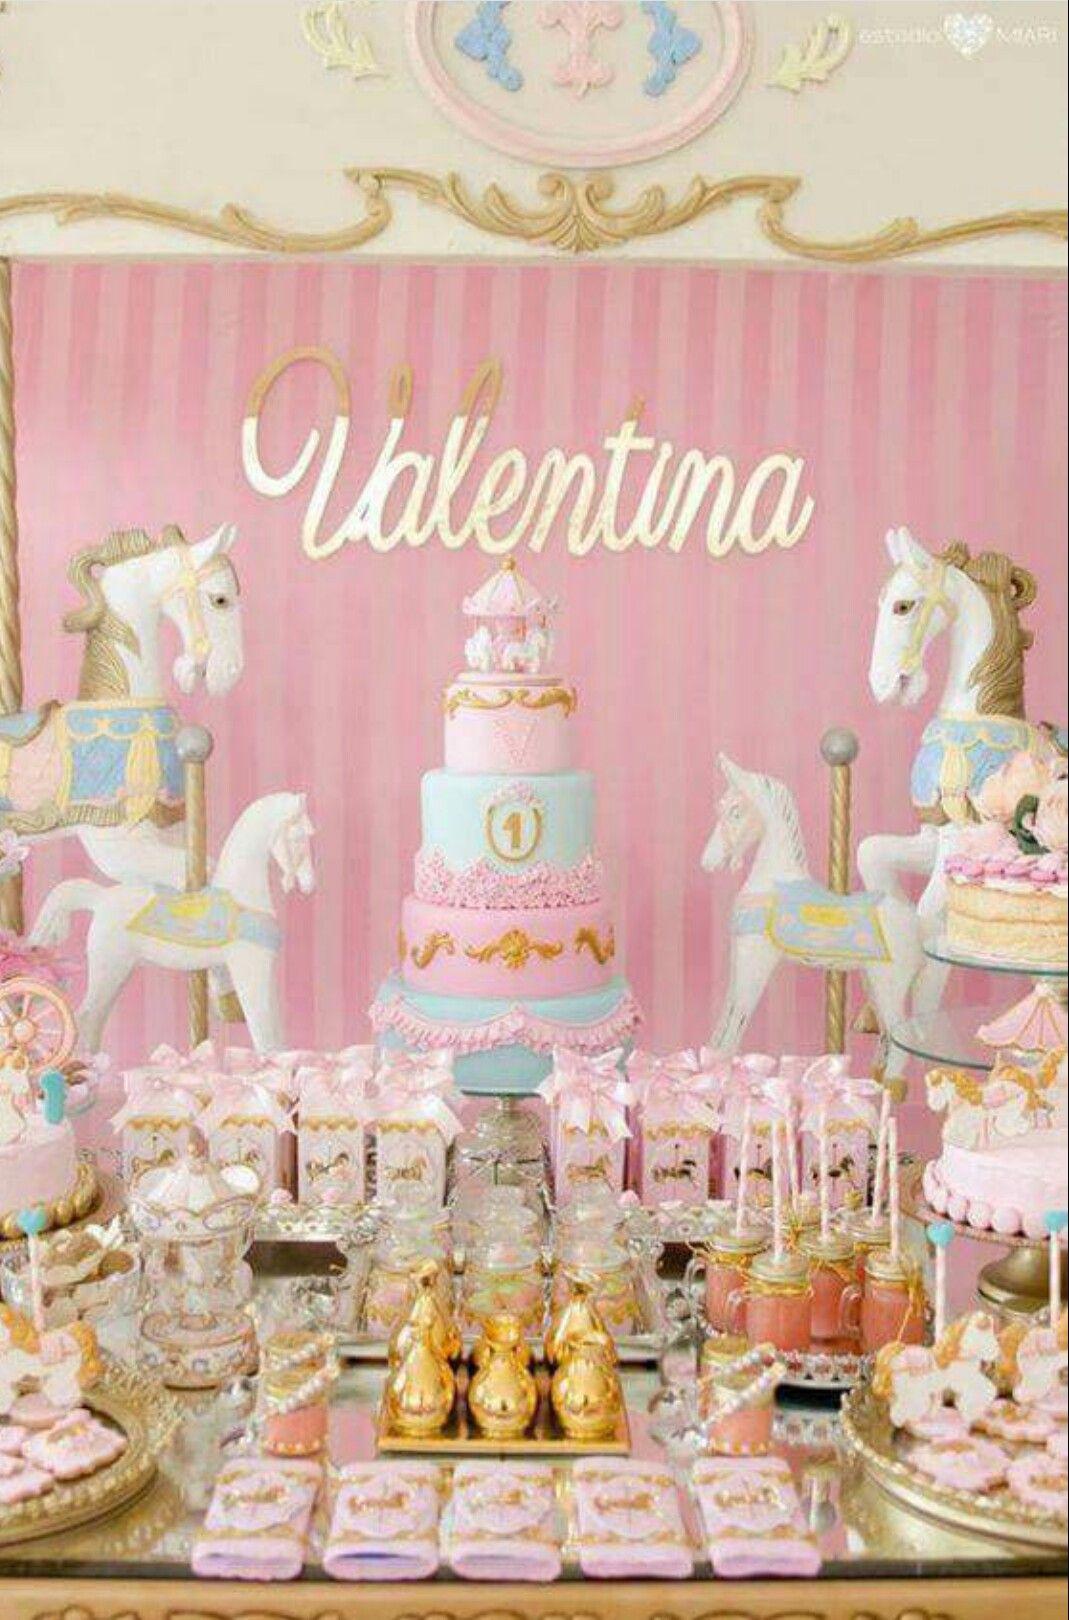 mesa de dulces de unicornios mesa de dulces pinterest On mesa de dulces de unicornio